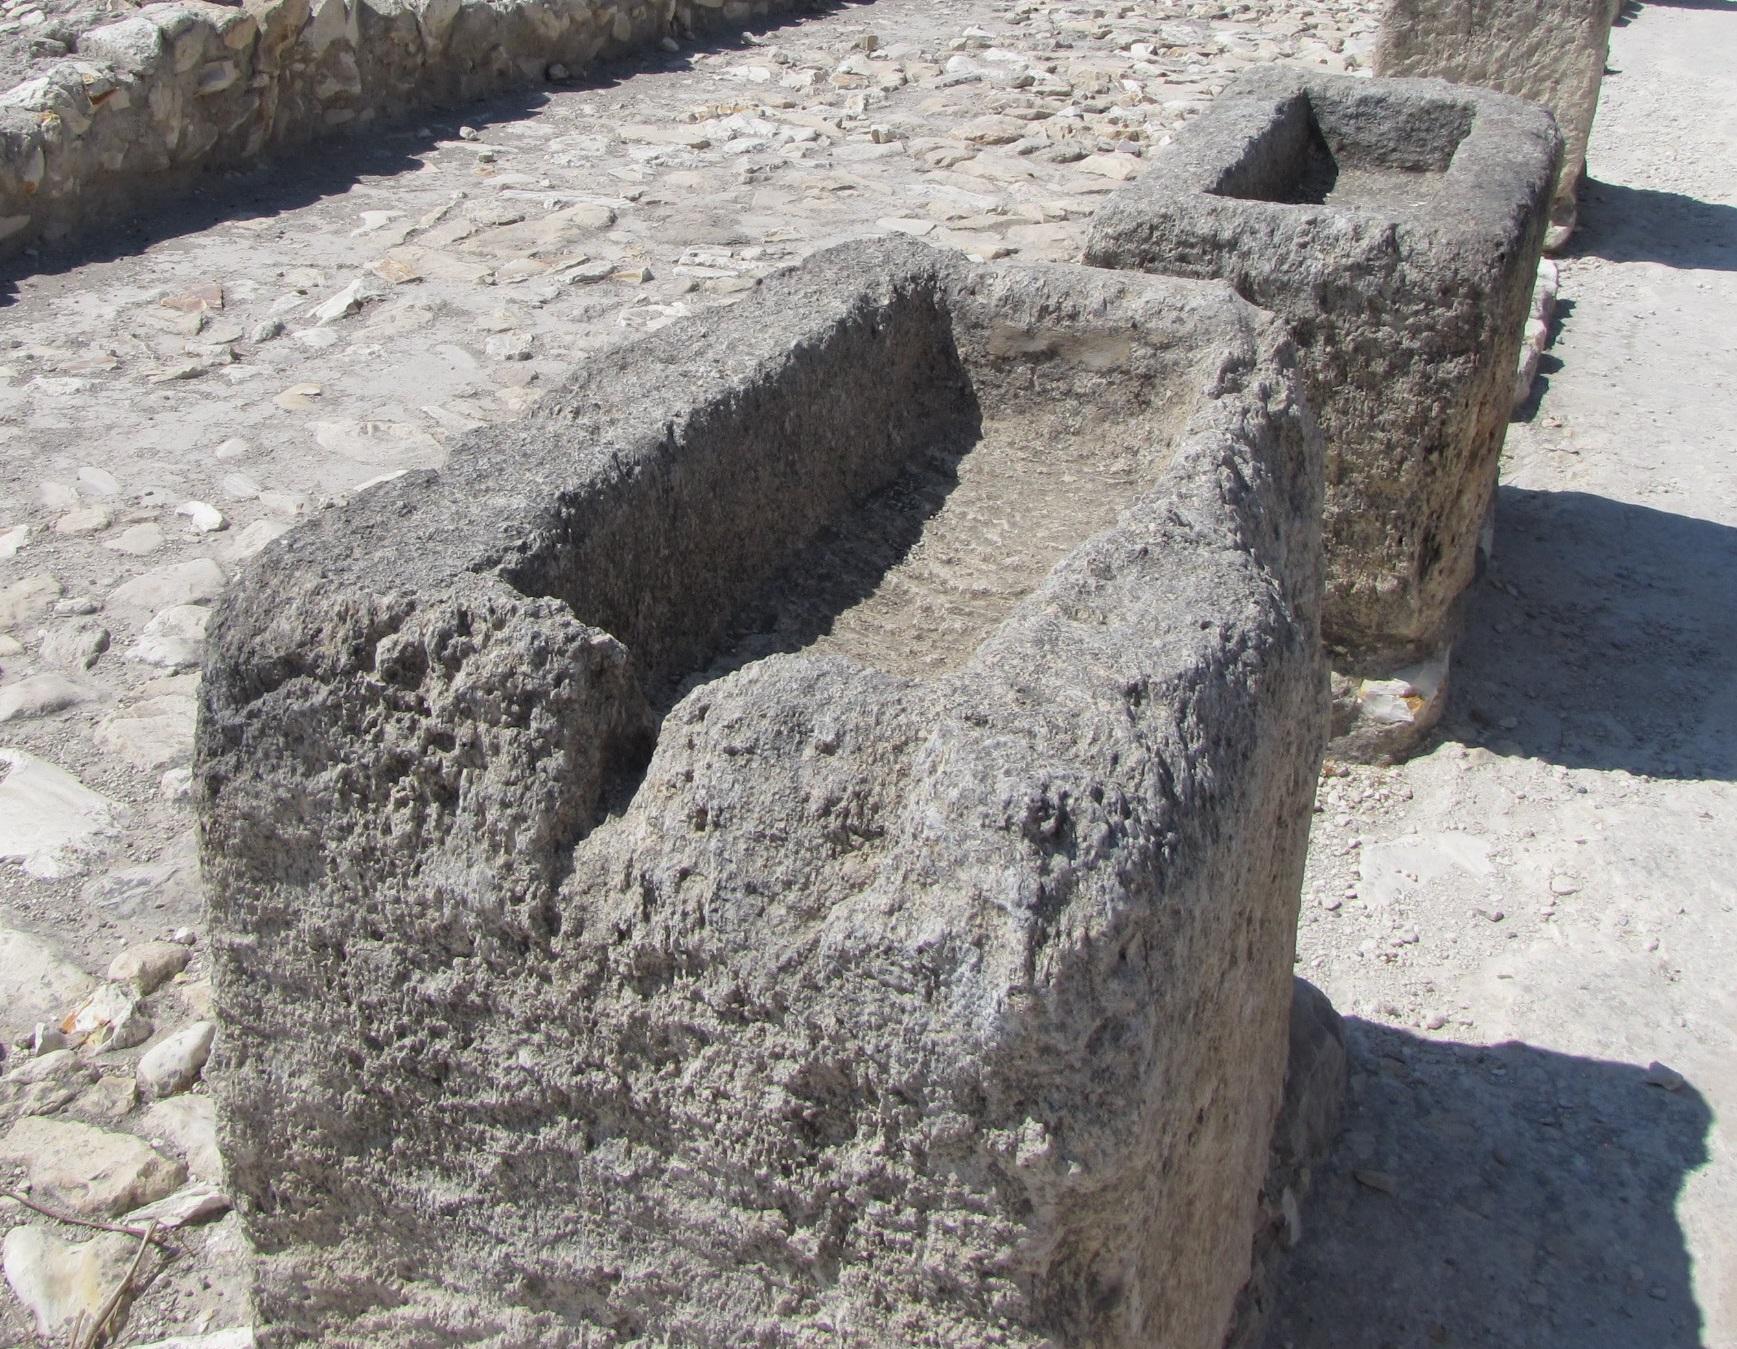 上图:以色列米吉多遗址两千多年前的石头马槽,新生的救主基督很可能就是躺在这样冰冷的马槽里。